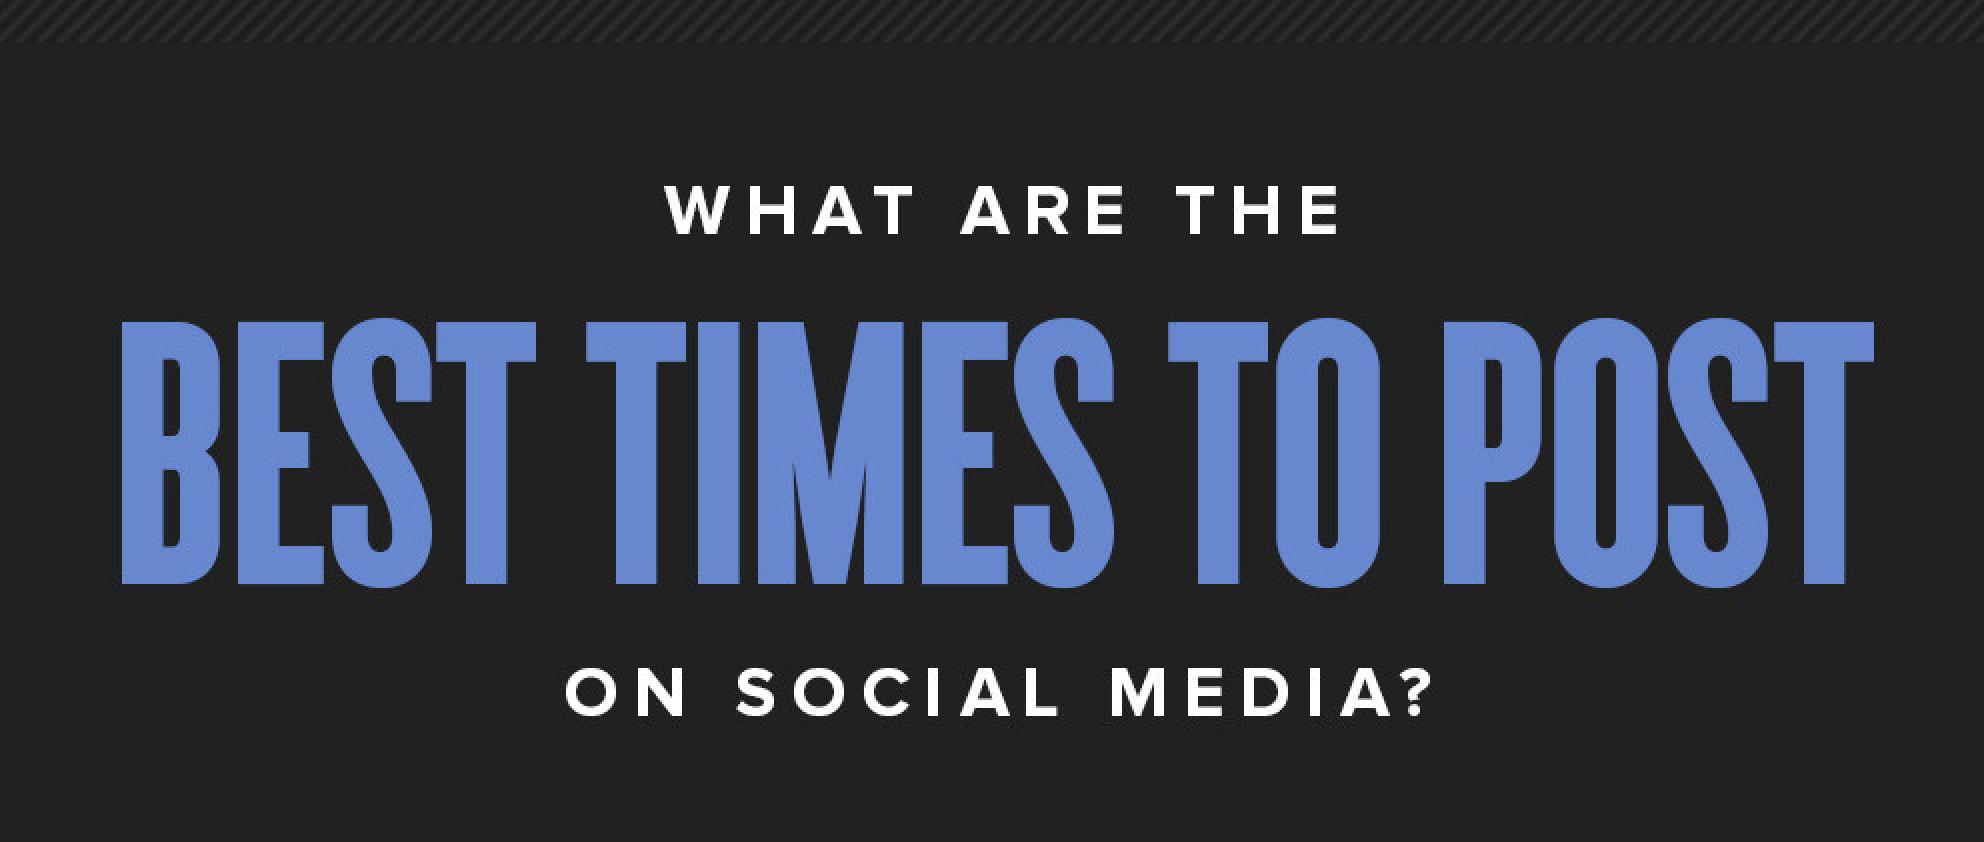 Top 10 Social Media Infographics